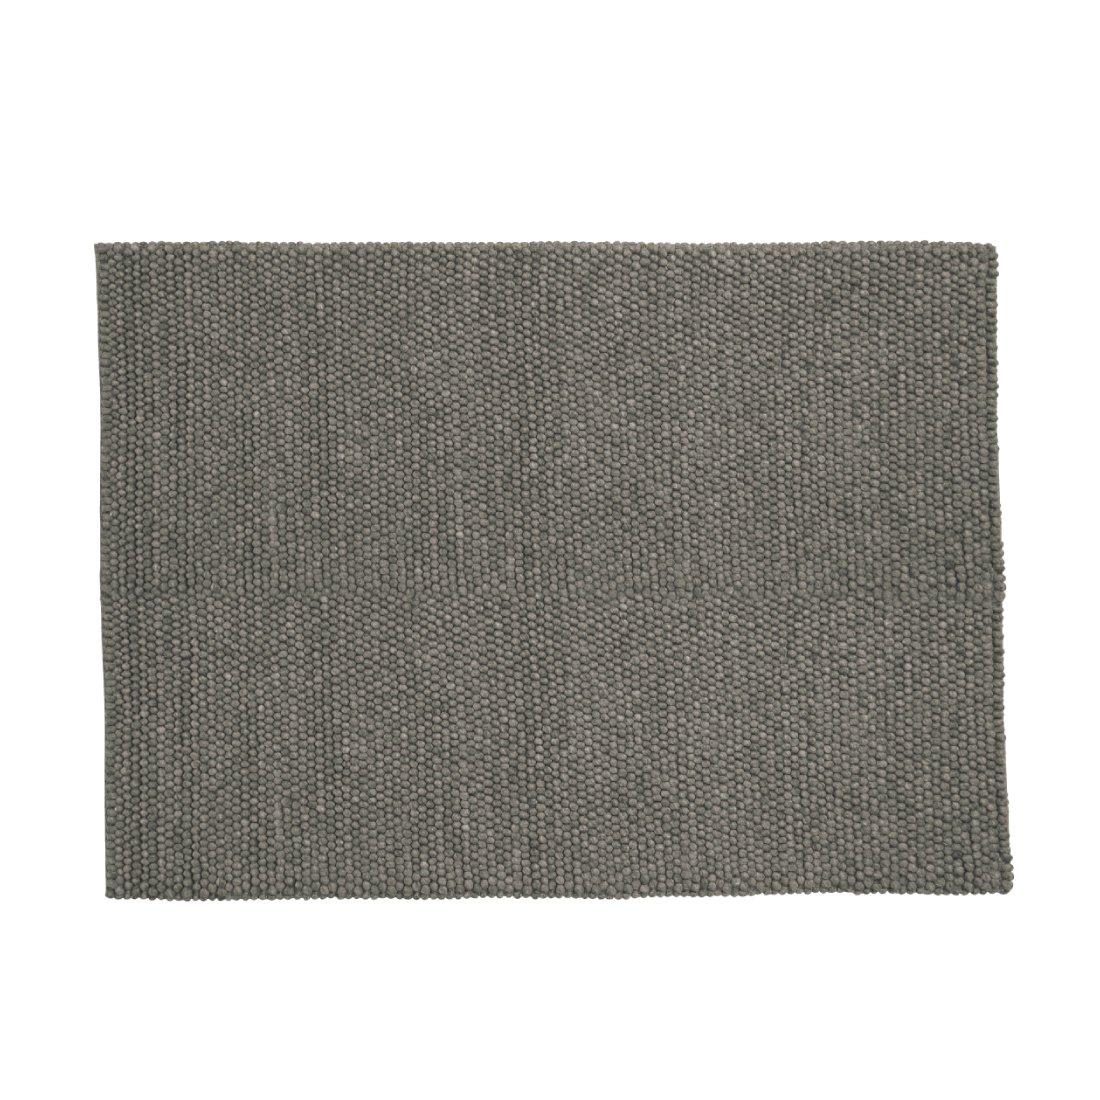 HAY Peas Karpet Vloerkleed Donker Grijs 140 x 200 cm